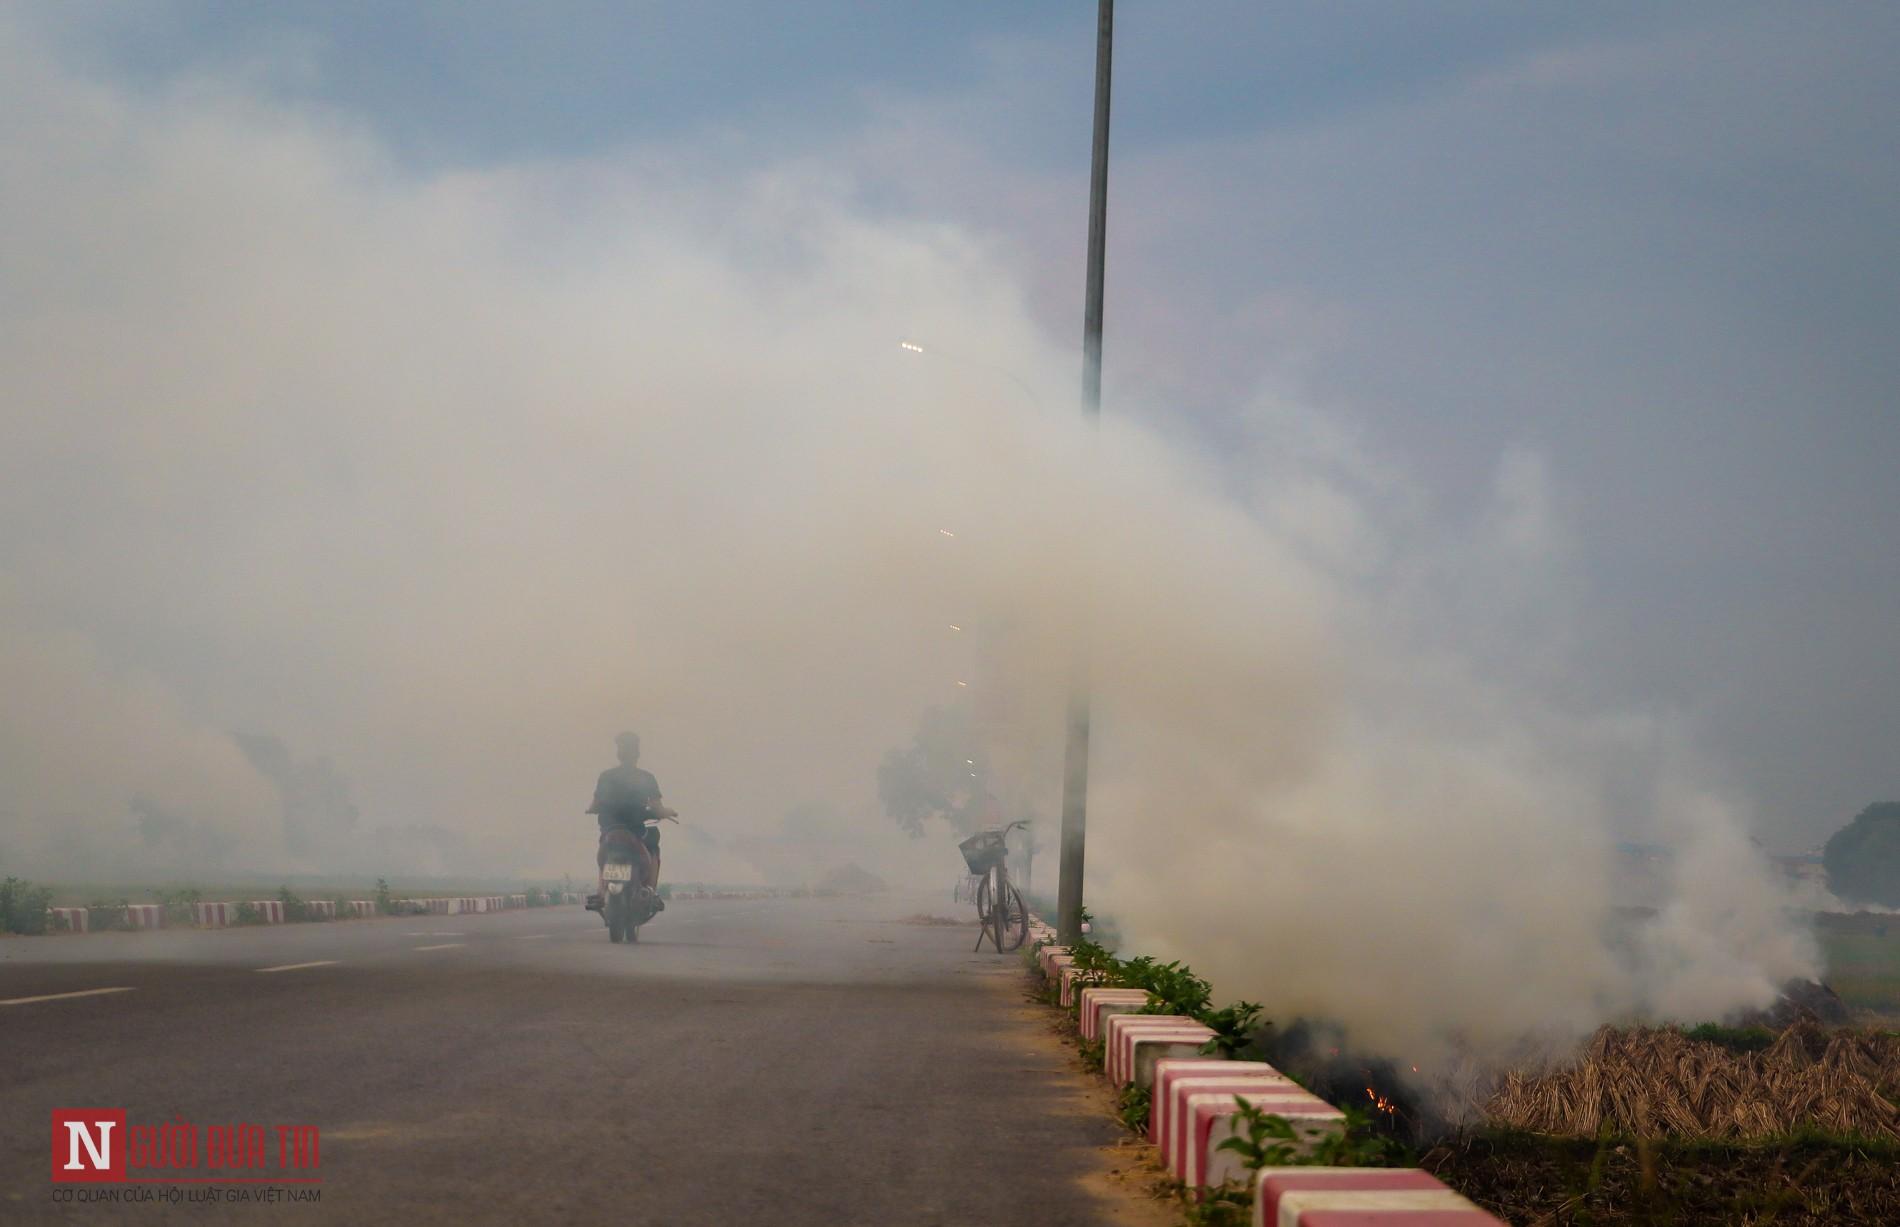 Đi tìm nguyên nhân gây khói bụi kỷ lục tại Hà Nội 9